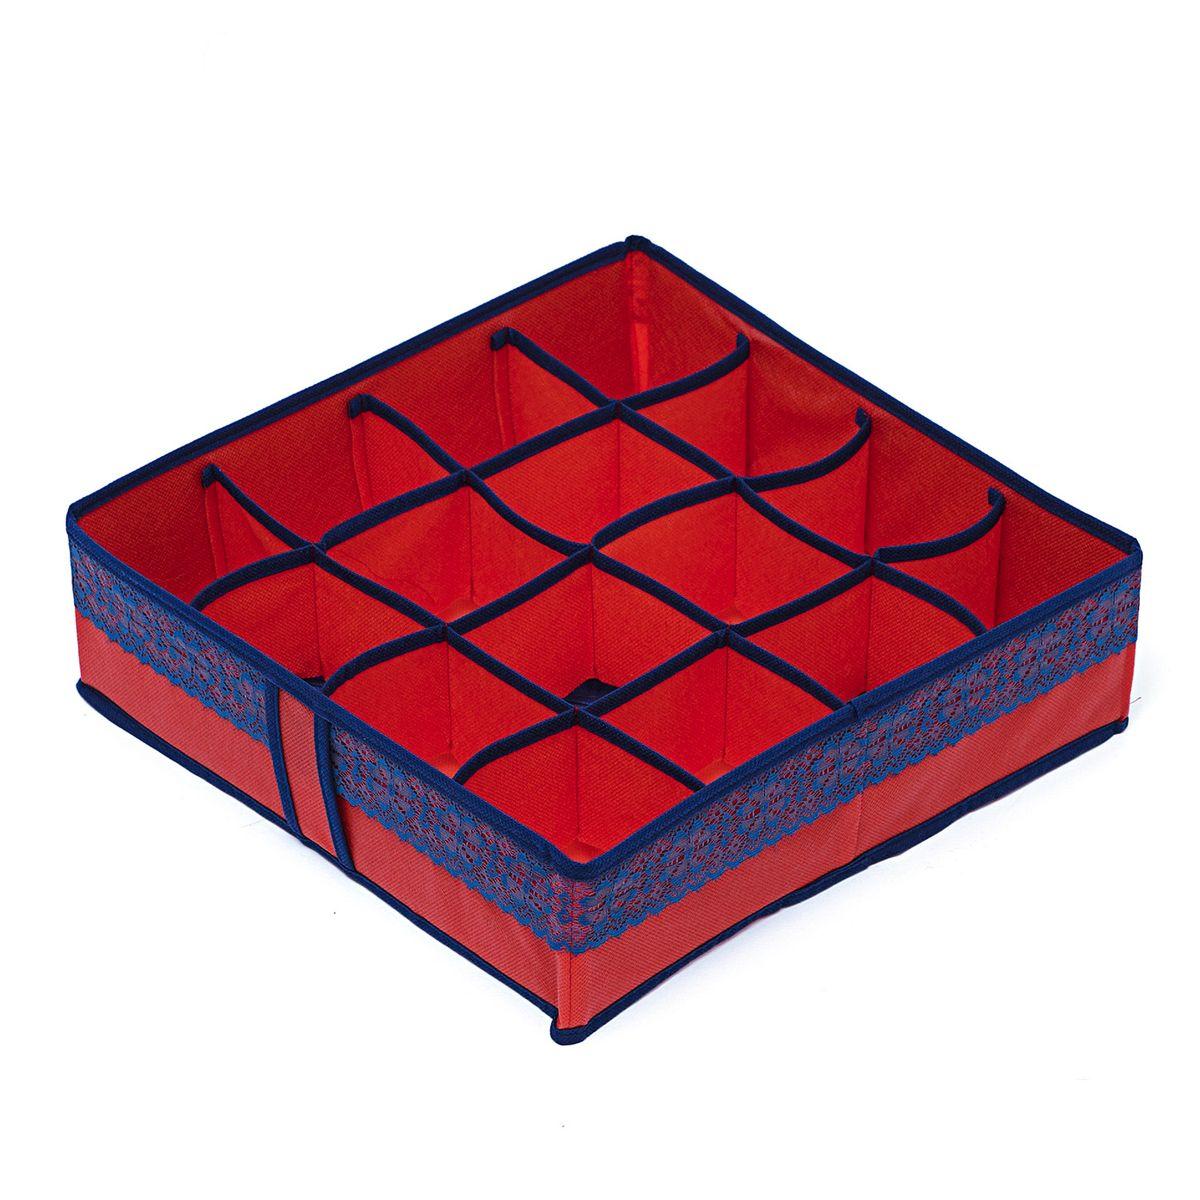 Органайзер для хранения вещей Homsu Rosso, 16 ячеек, 35 x 35 x 10 см74-0060Компактный органайзер Homsu Rosso изготовлен из высококачественного полиэстера, который обеспечивает естественную вентиляцию. Материал позволяет воздуху свободно проникать внутрь, но не пропускает пыль. Органайзер отлично держит форму, благодаря вставкам из плотного картона. Изделие имеет 16 квадратных секций для хранения нижнего белья, колготок, носков и другой одежды.Такой органайзер позволит вам хранить вещи компактно и удобно, а оригинальный дизайн сделает вашу гардеробную красивой и невероятно стильной.